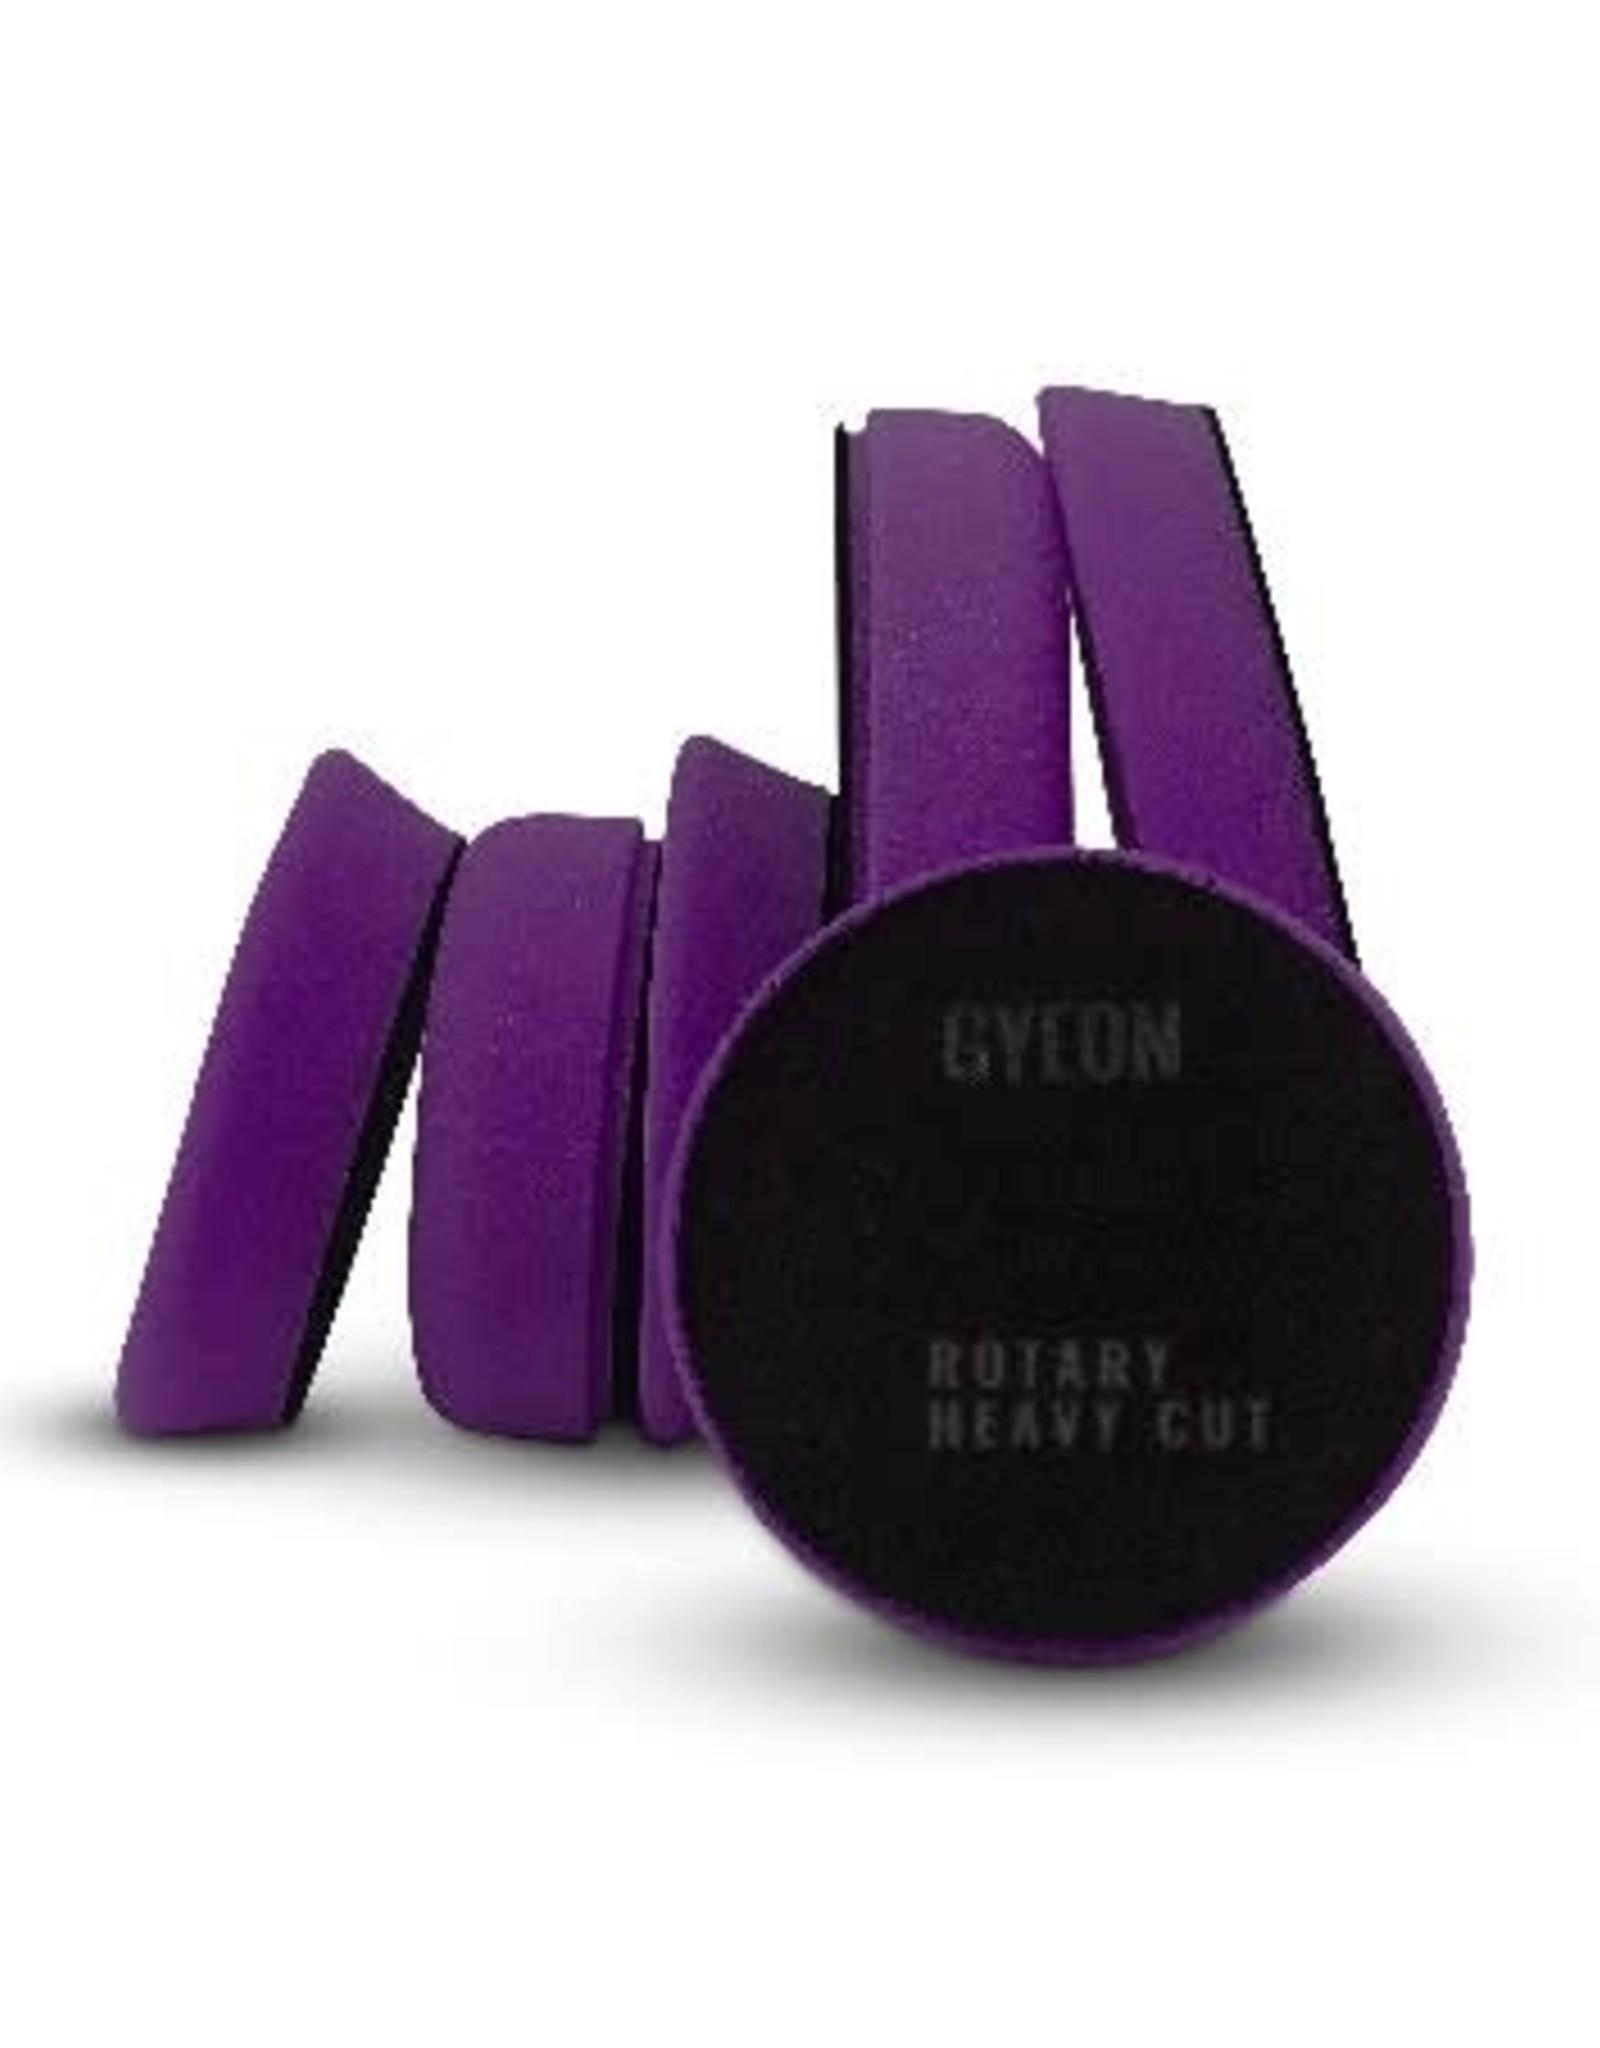 Gyeon Gyeon Q²M Rotary Heavy Cut 145mm x 25mm